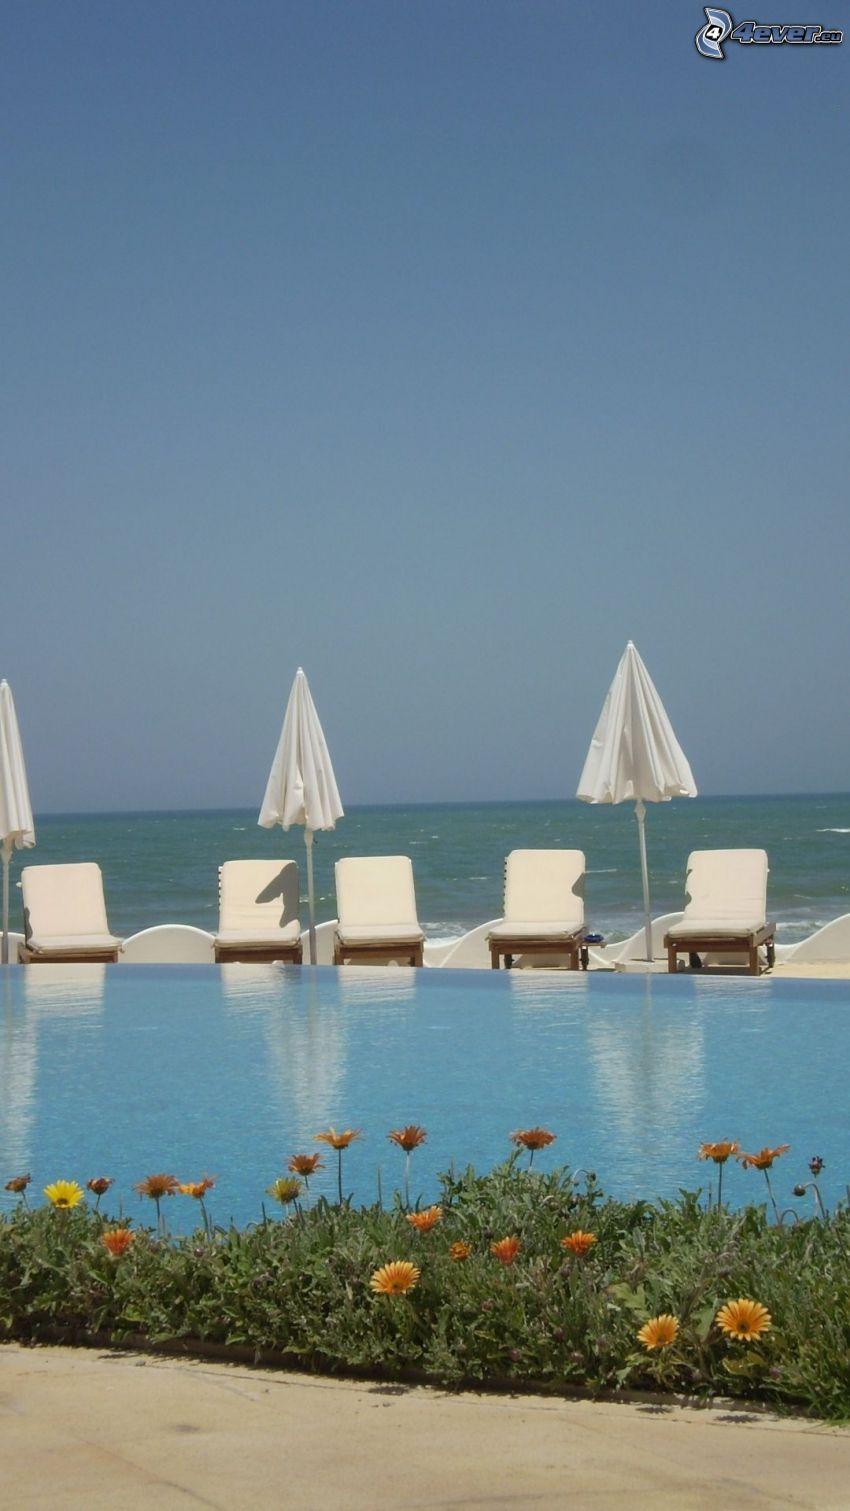 Liegestühle, Sonnenschirme, Bassin, Blumen, Blick auf dem Meer